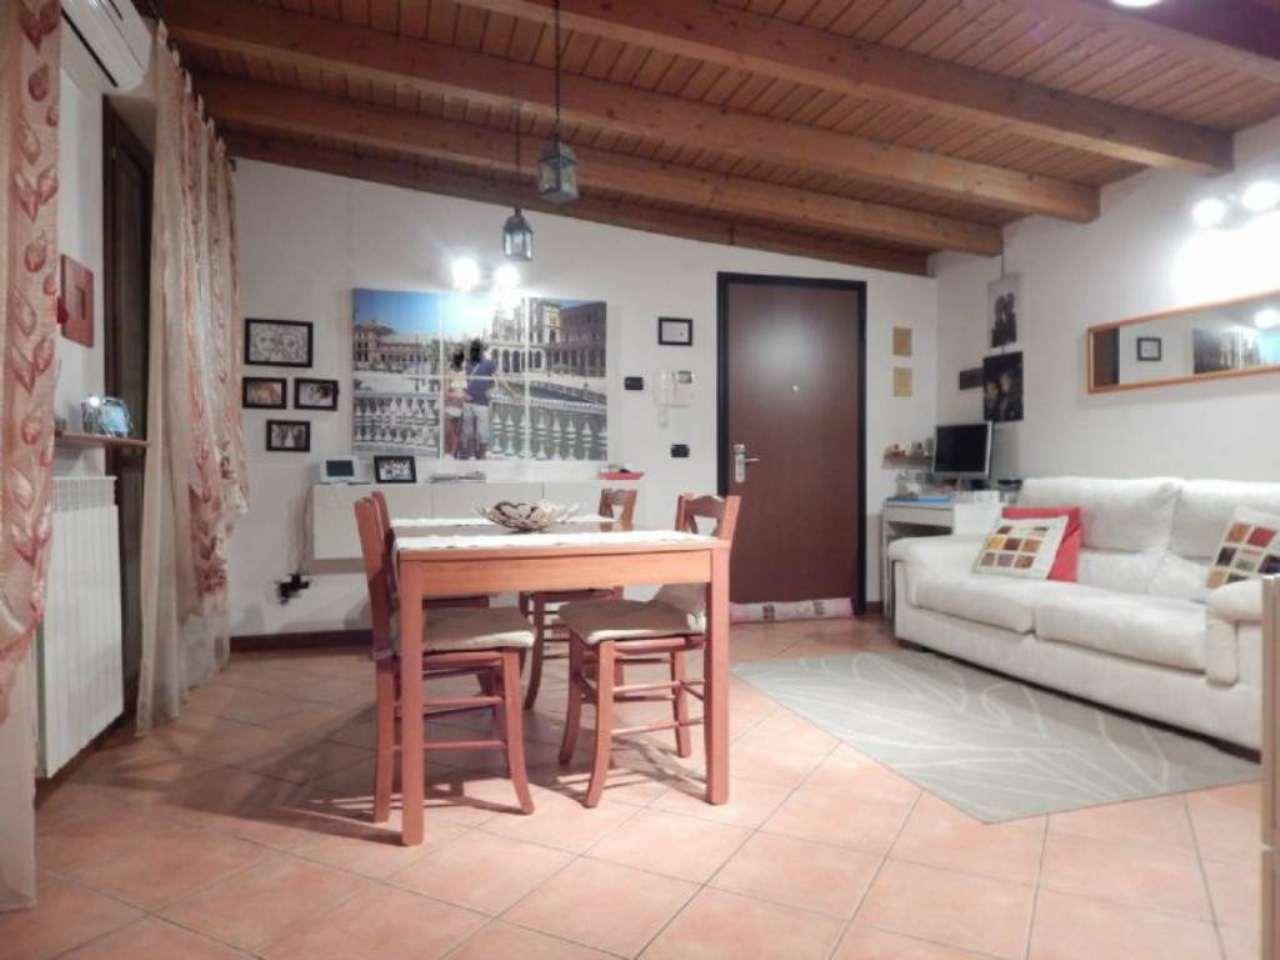 Appartamento in vendita a Treviglio, 2 locali, prezzo € 70.000 | CambioCasa.it